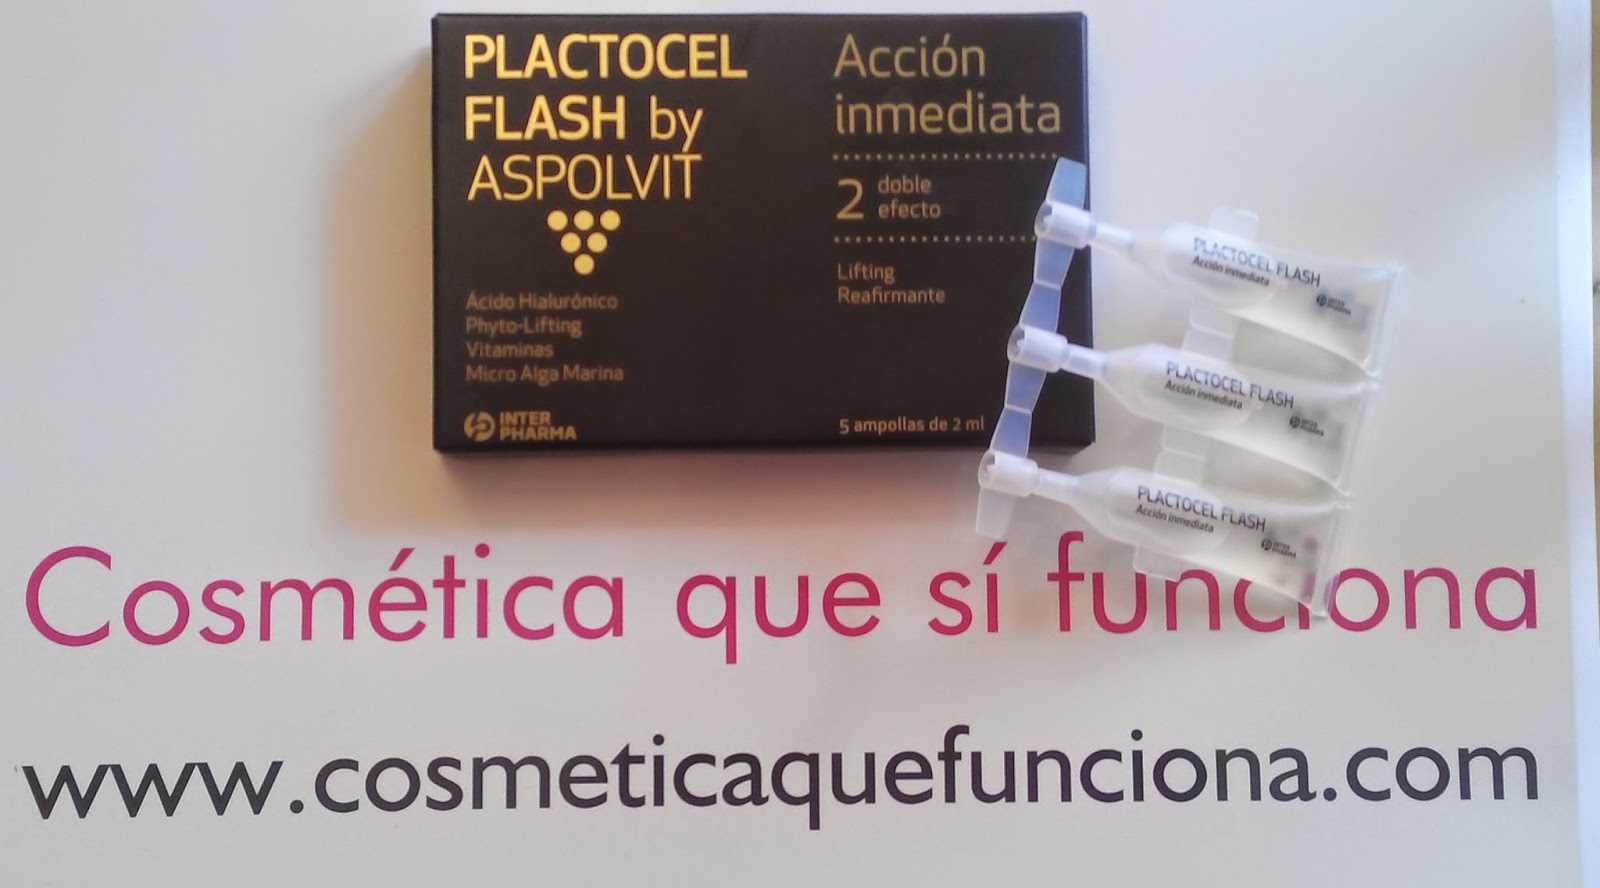 Plactocel Flash de Aspolvit: Belleza en un instante. - Blog de Belleza Cosmetica que Si Funciona